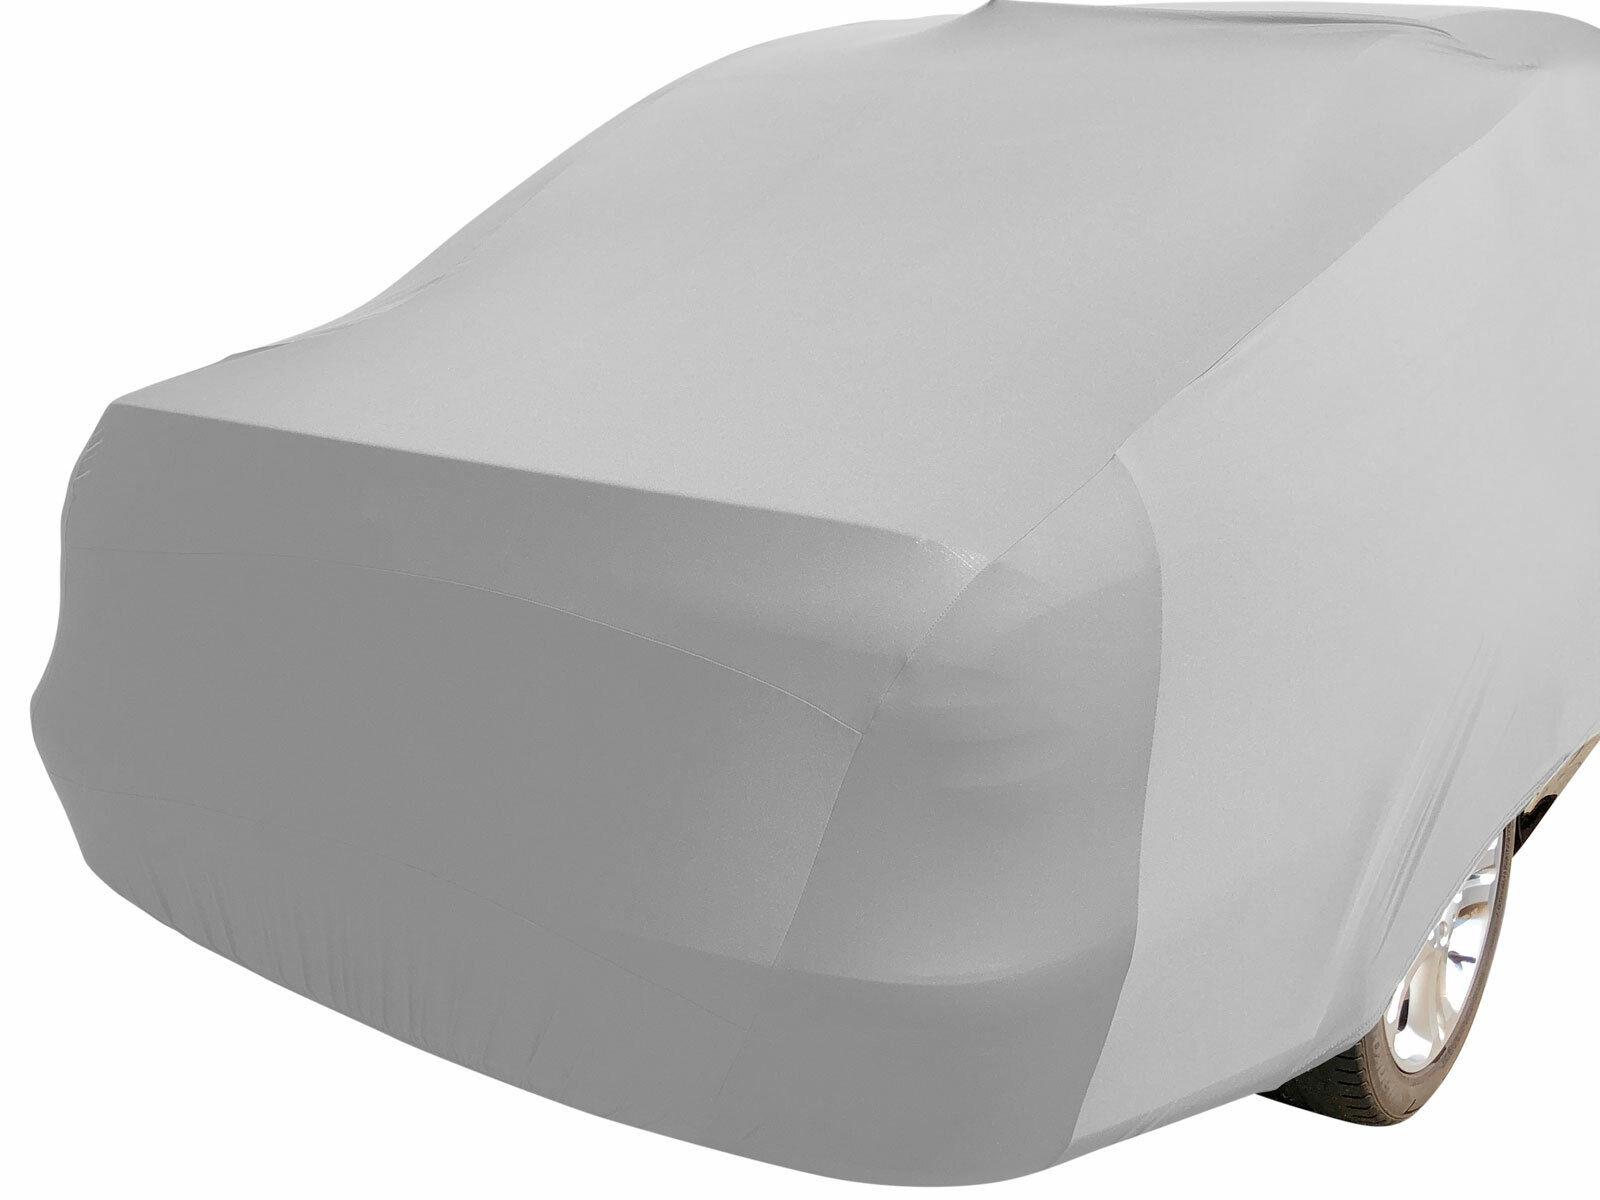 Audi A5 Cabriolet 8F7 2009-2017 Autoplane Classic Innenbereich